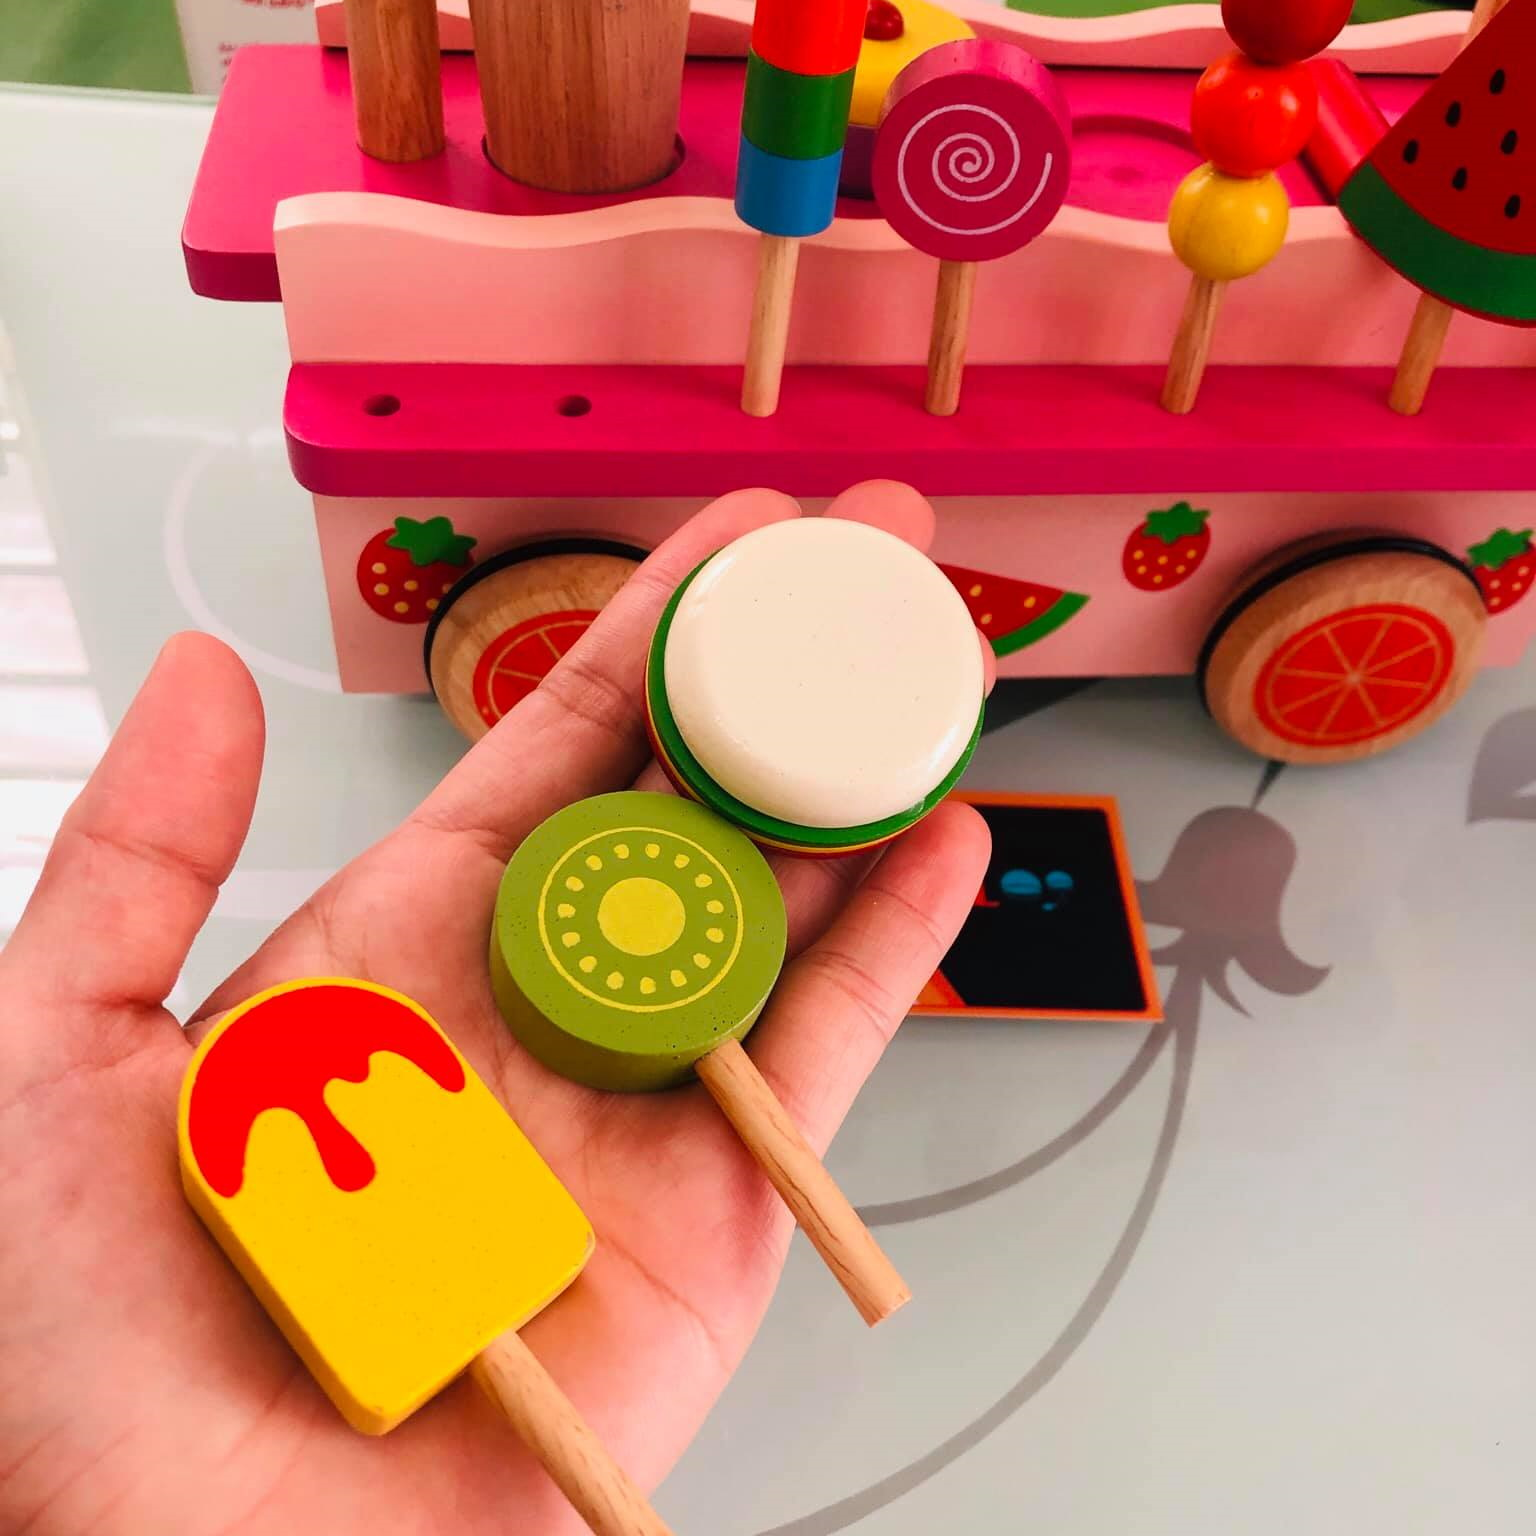 Trò chơi gian hàng cho bé Đồ chơi gỗ quầy bán hàng Việt Nam 4